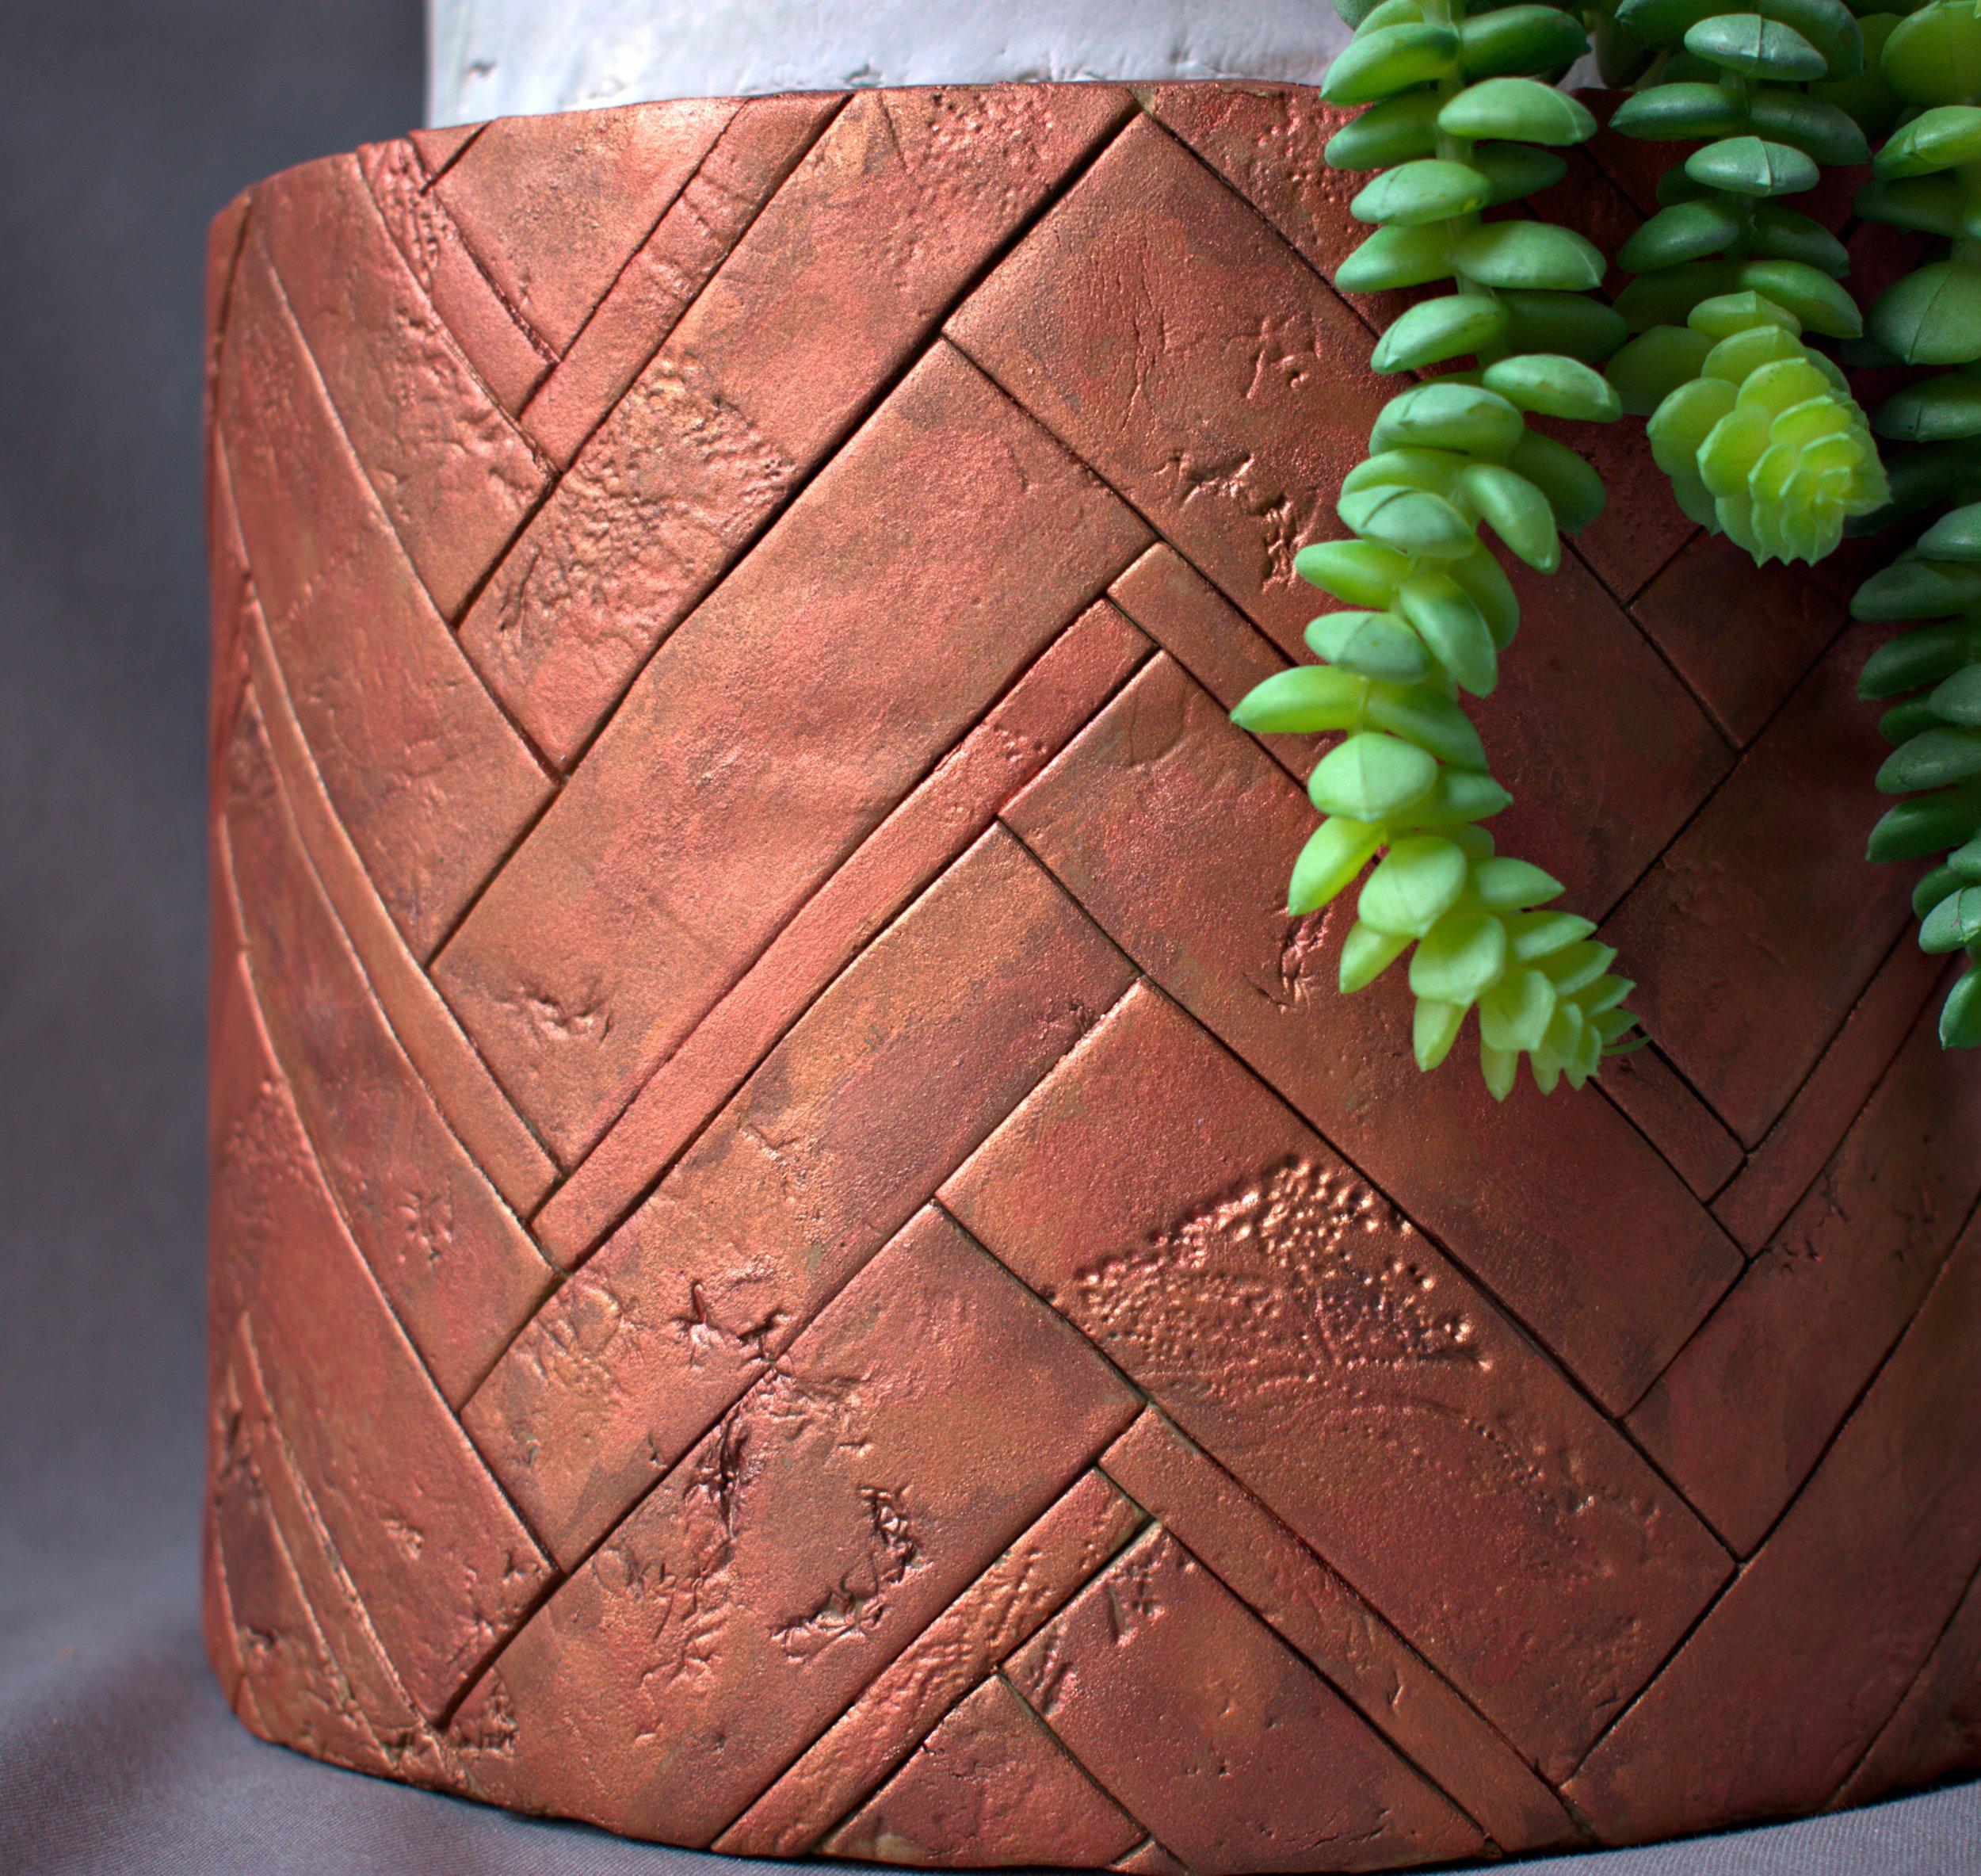 Copper tiles detail shot 1.jpg